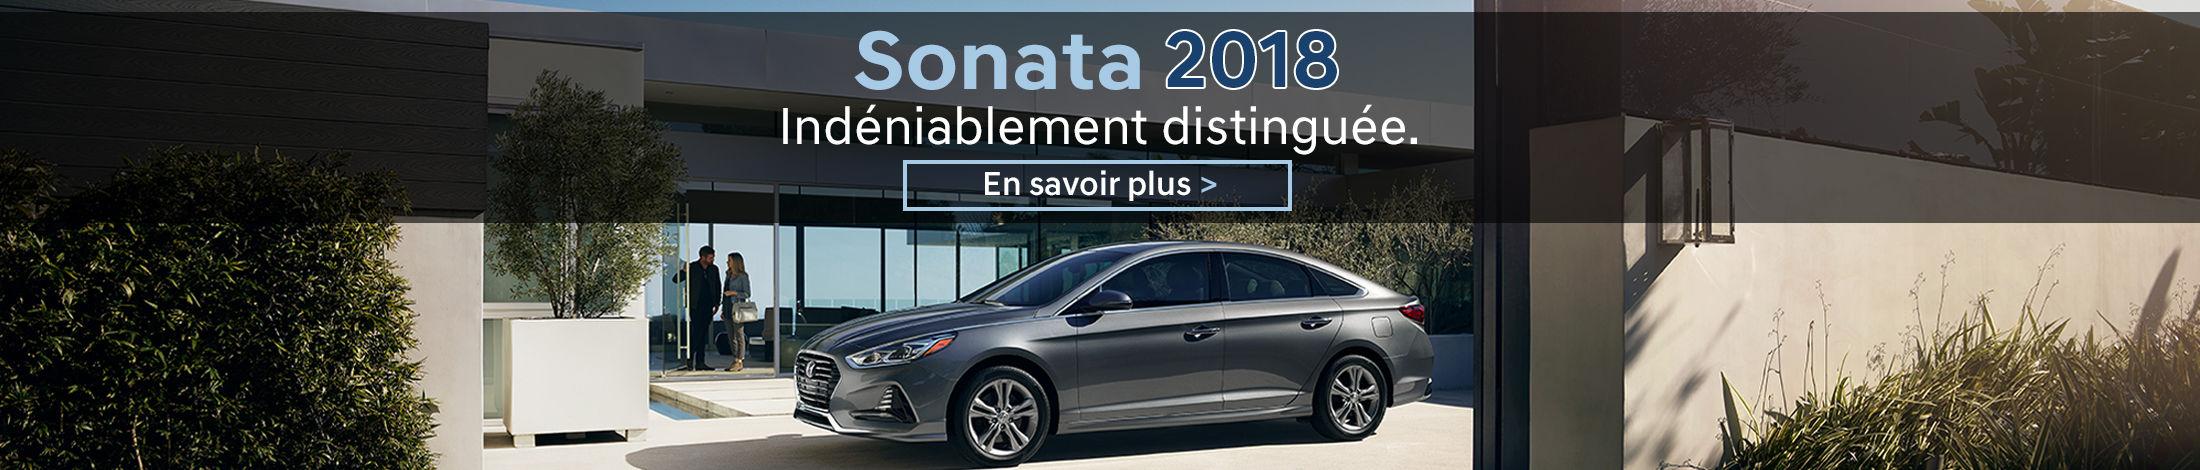 Sonata 2018